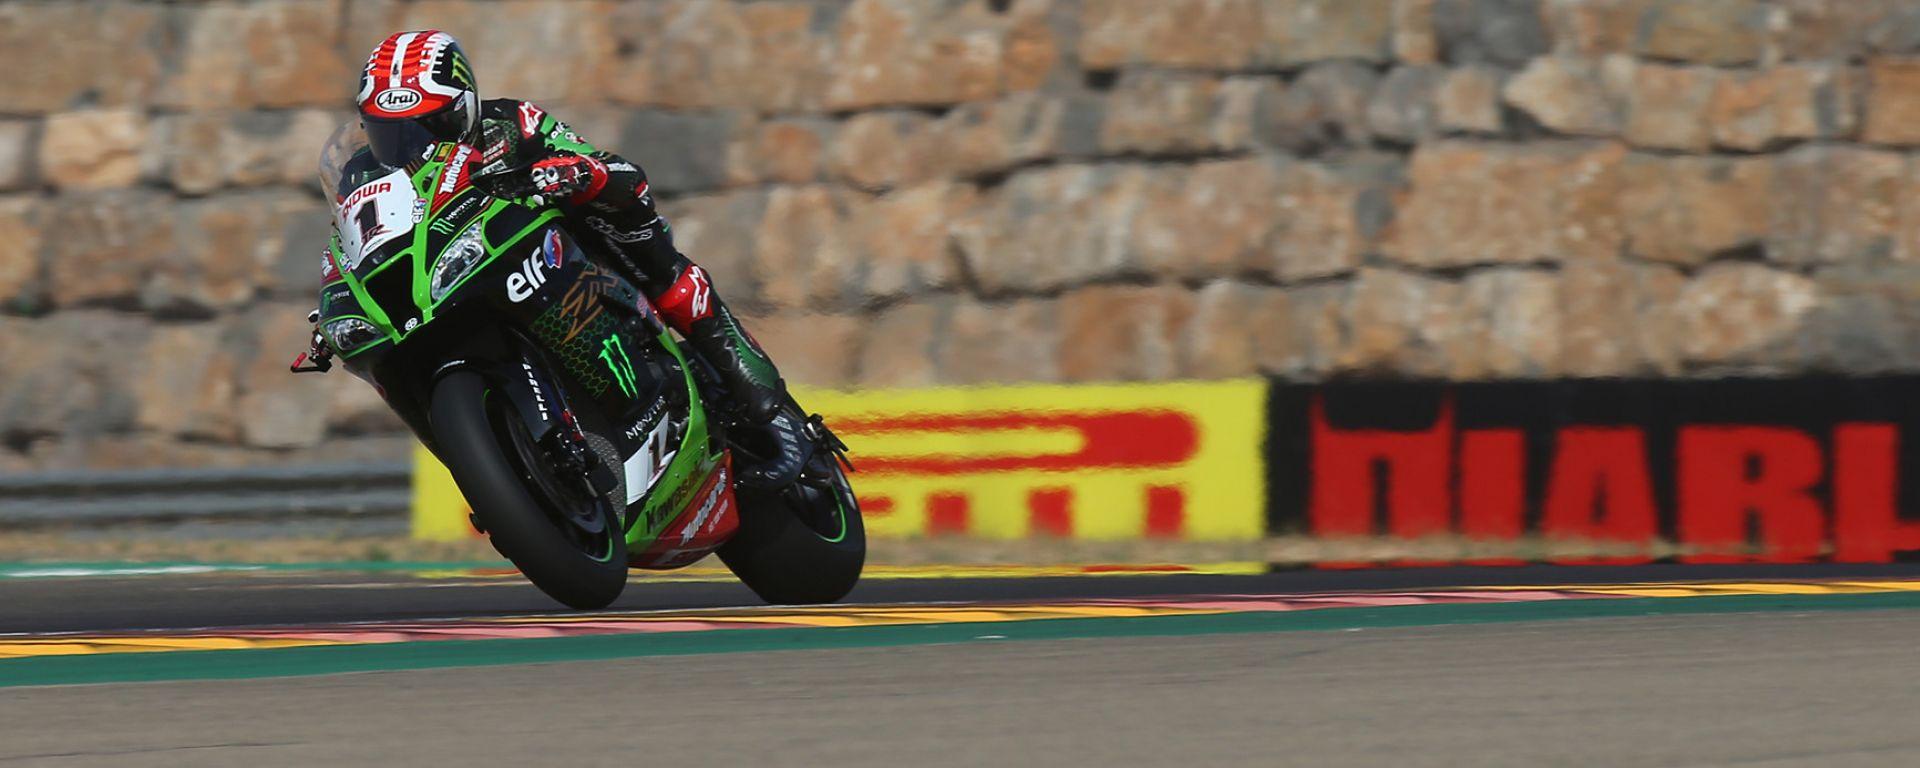 Superbike Aragon 2020, Jonathan Rea (Kawasaki)